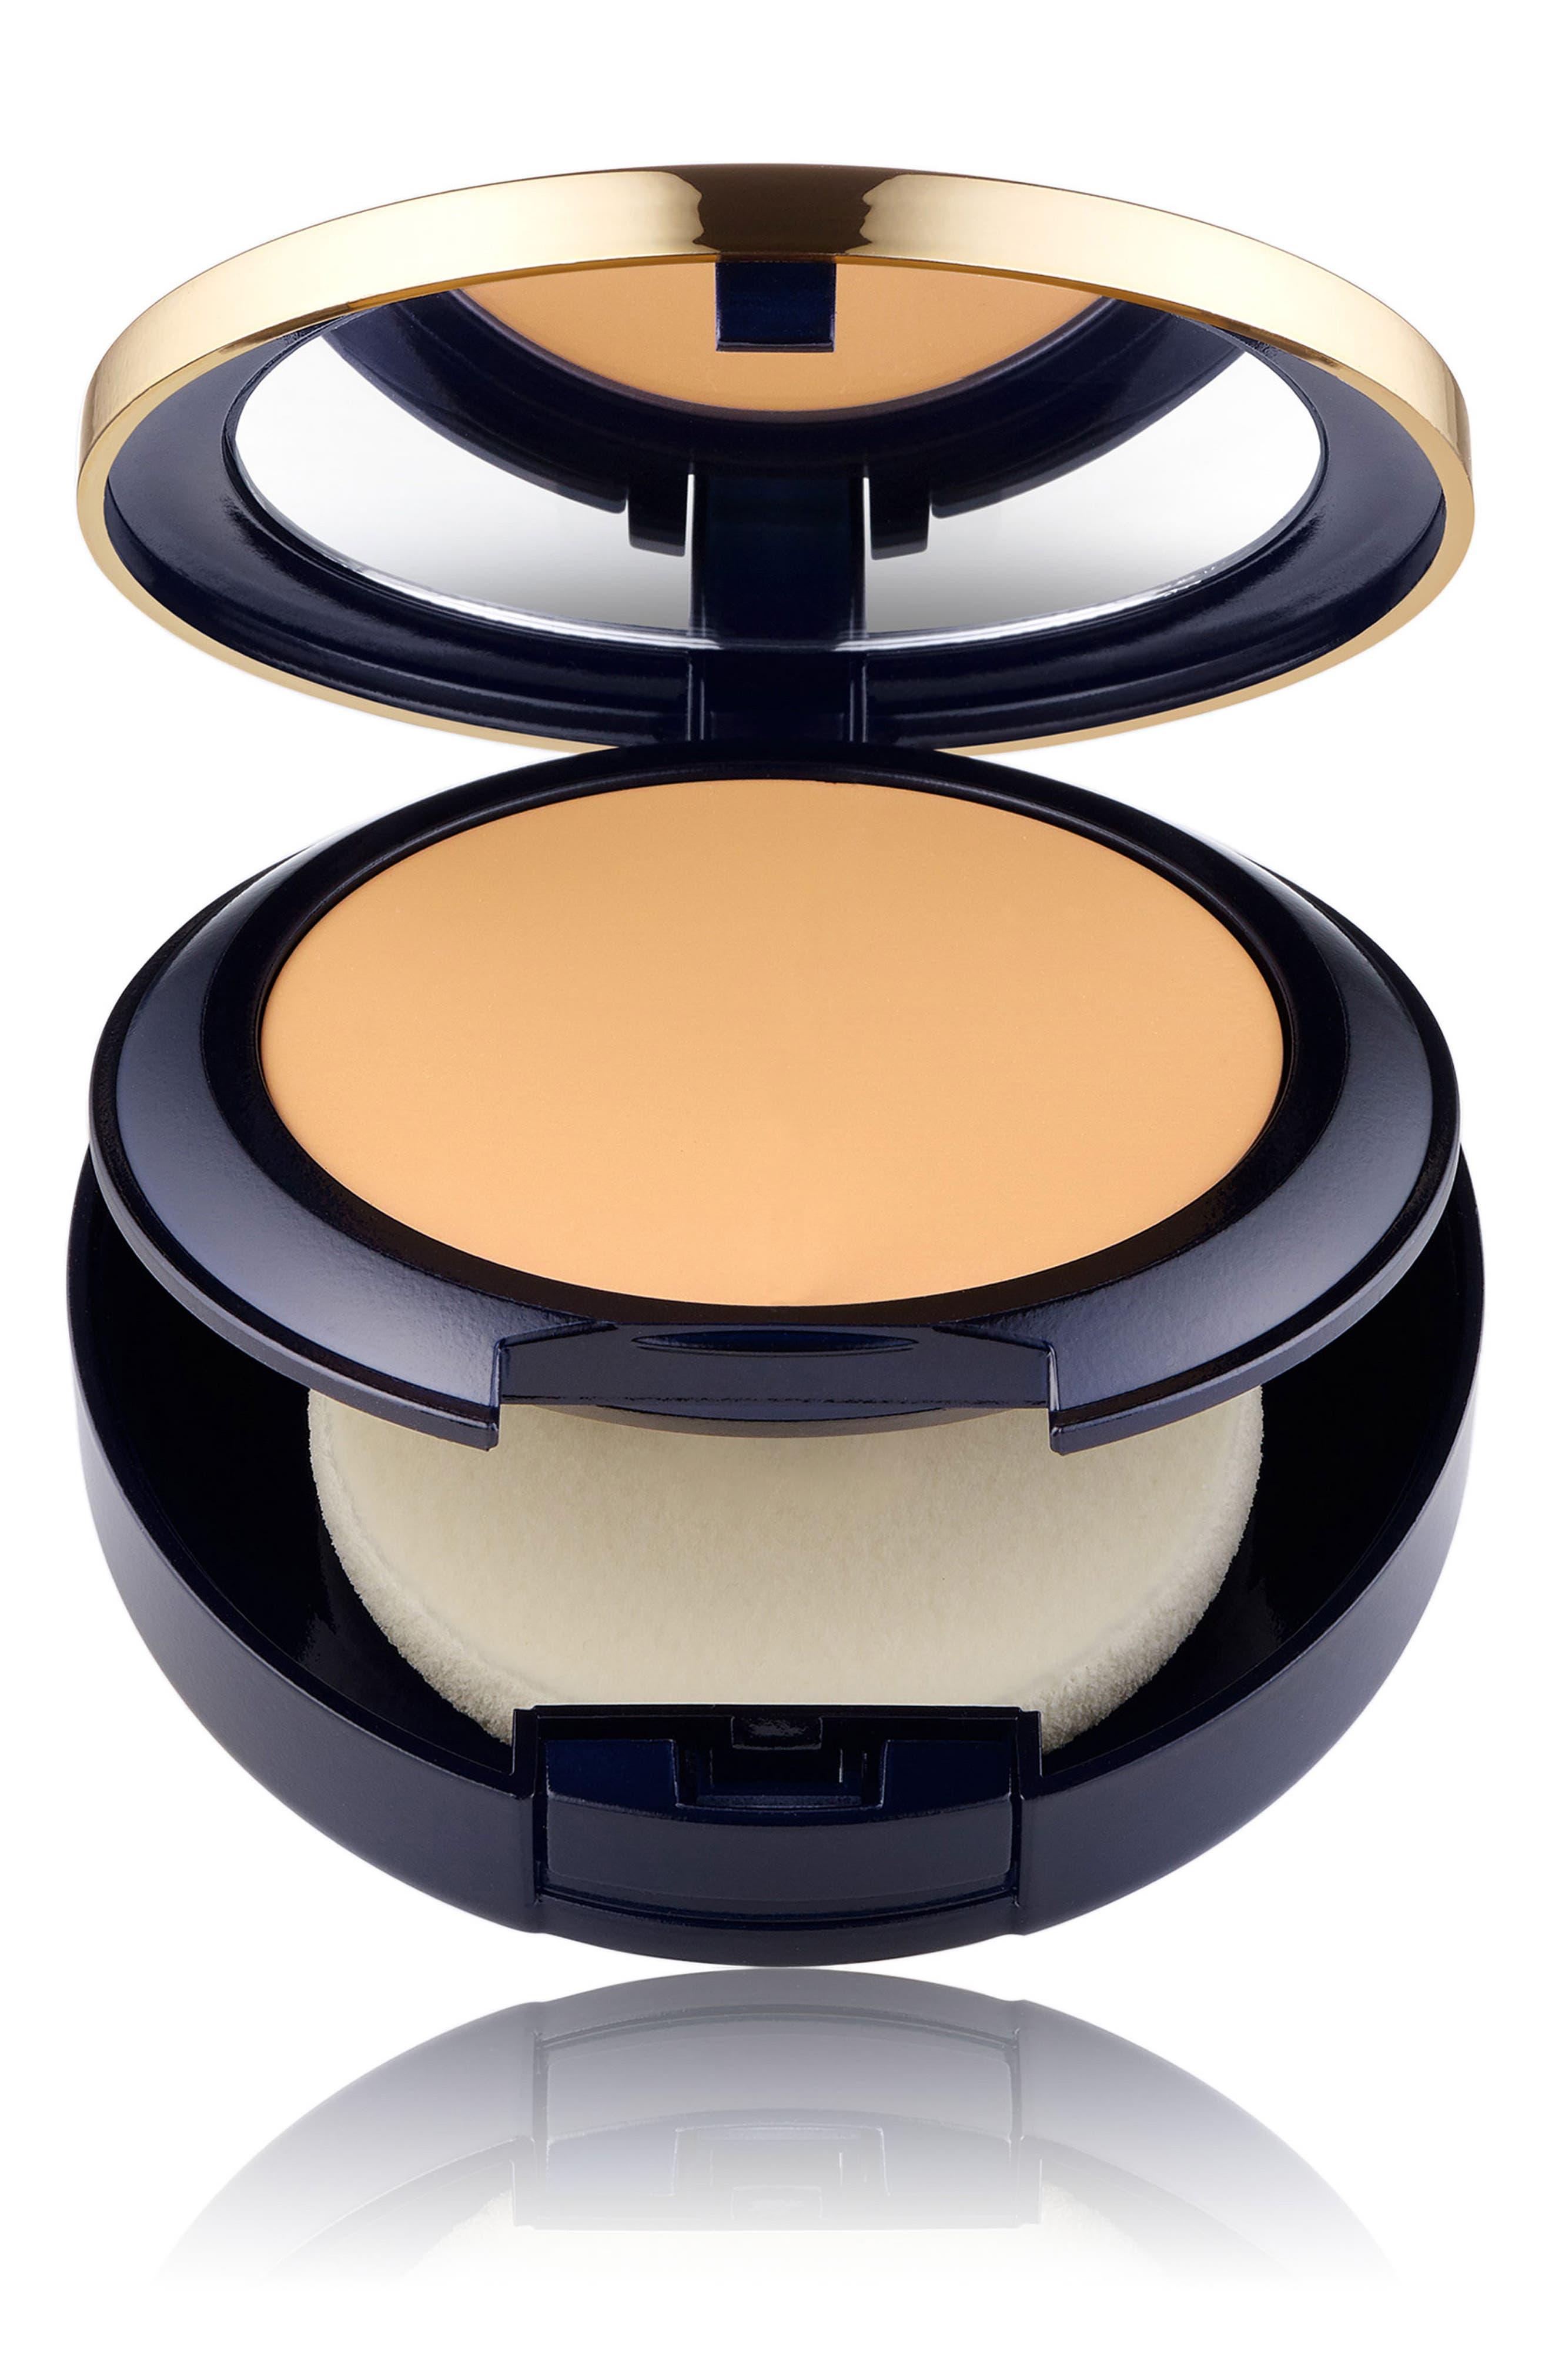 Estee Lauder Double Wear Stay In Place Matte Powder Foundation - 5W2 Rich Caramel